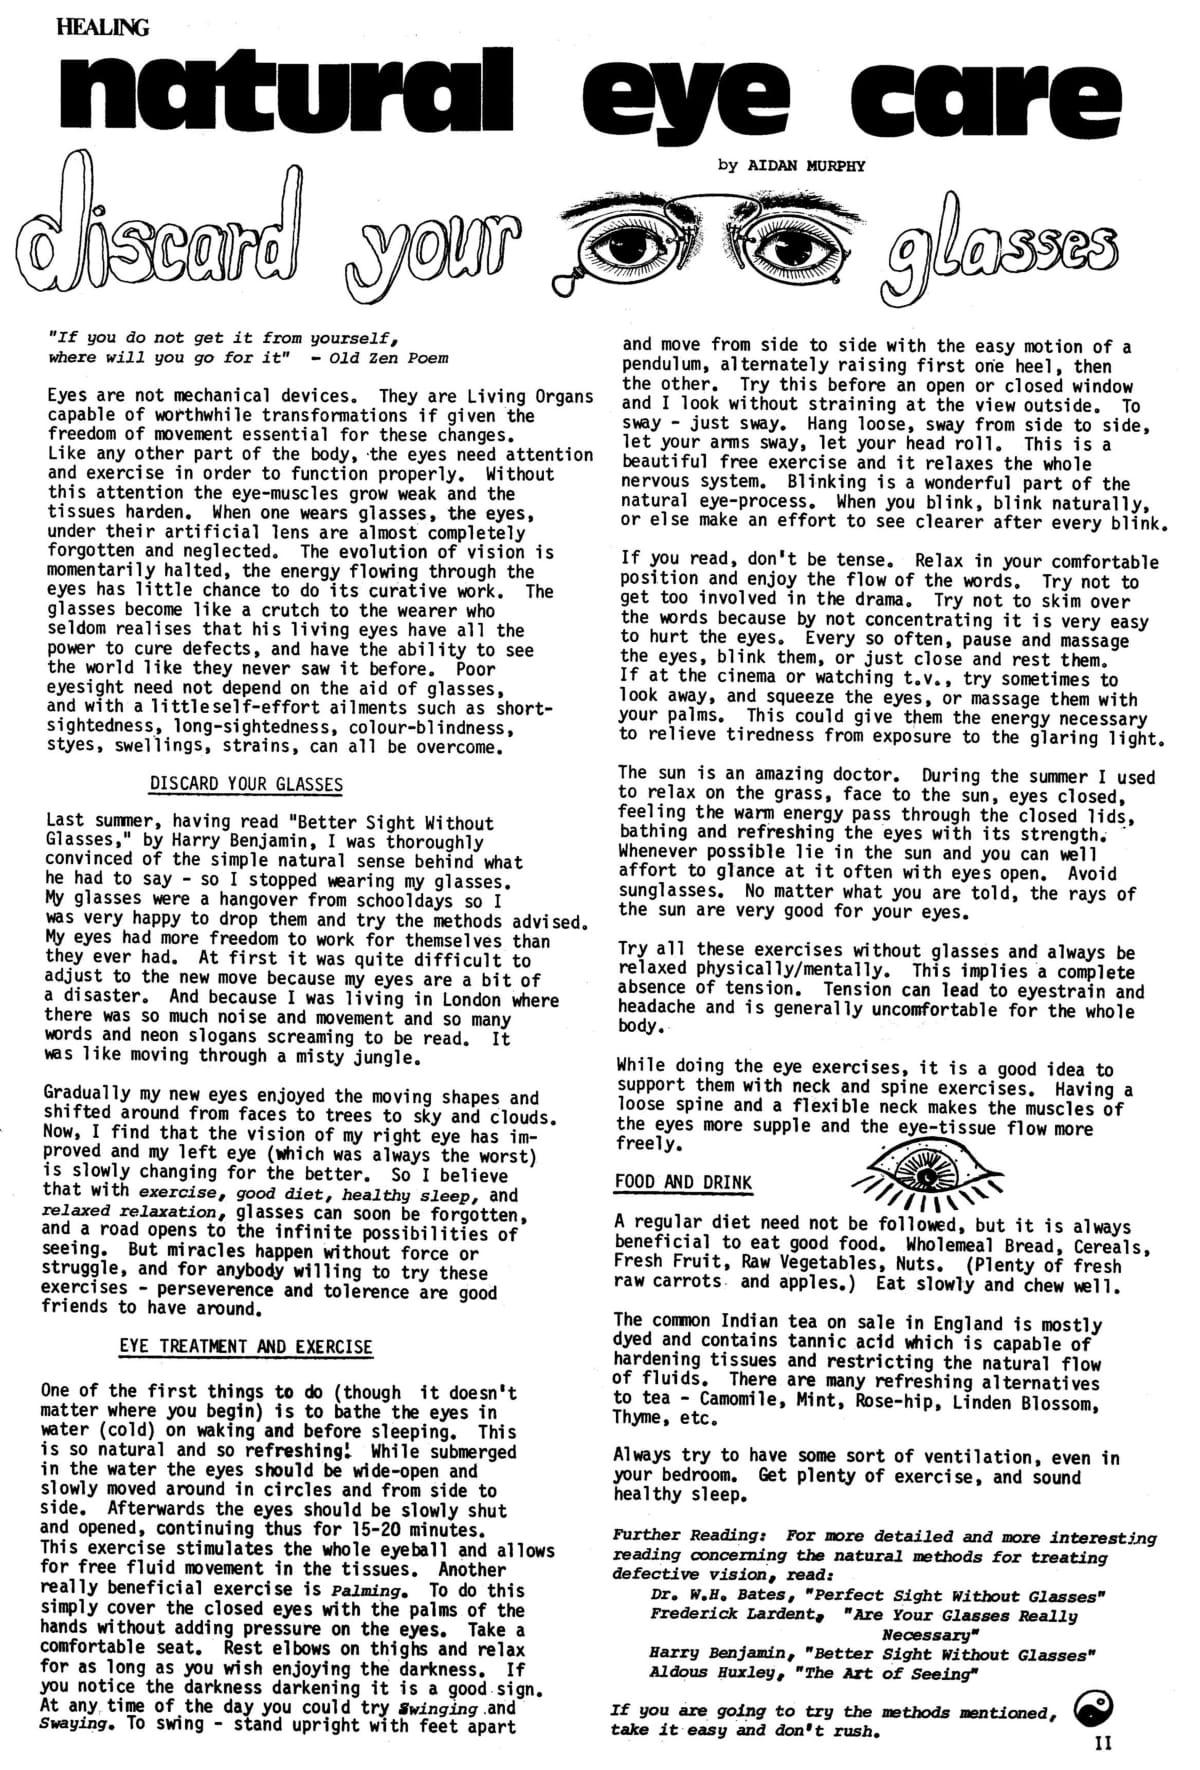 seed-v3-n2-feb1974-11.jpg